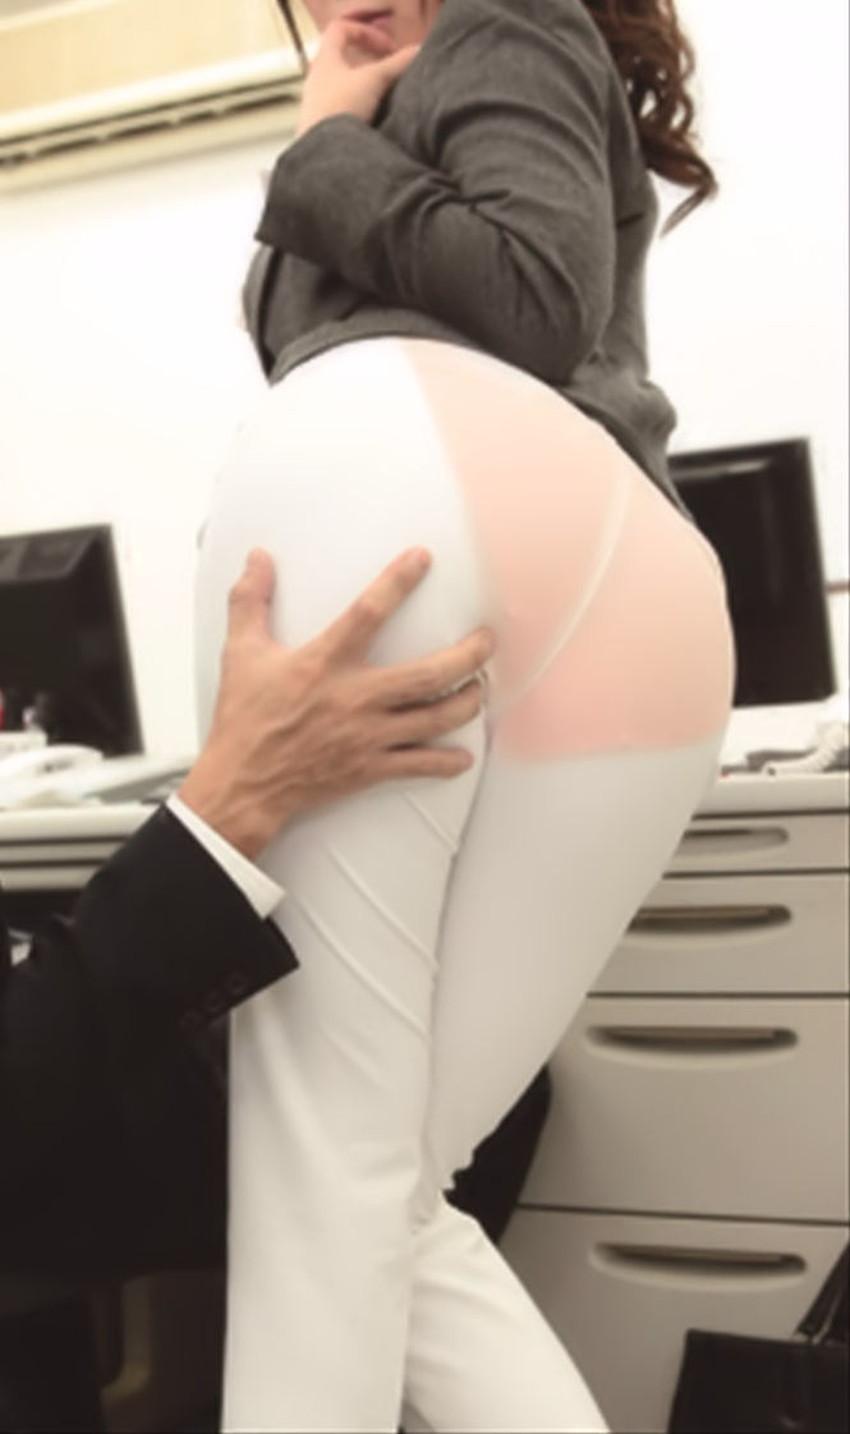 【パンツスーツコスプレエロ画像】仕事デキそうなパンツスーツOLはセックスも上手!パンツスーツ破られ着衣セックスしてるパンツスーツコスプレのエロ画像集w【80枚】 39